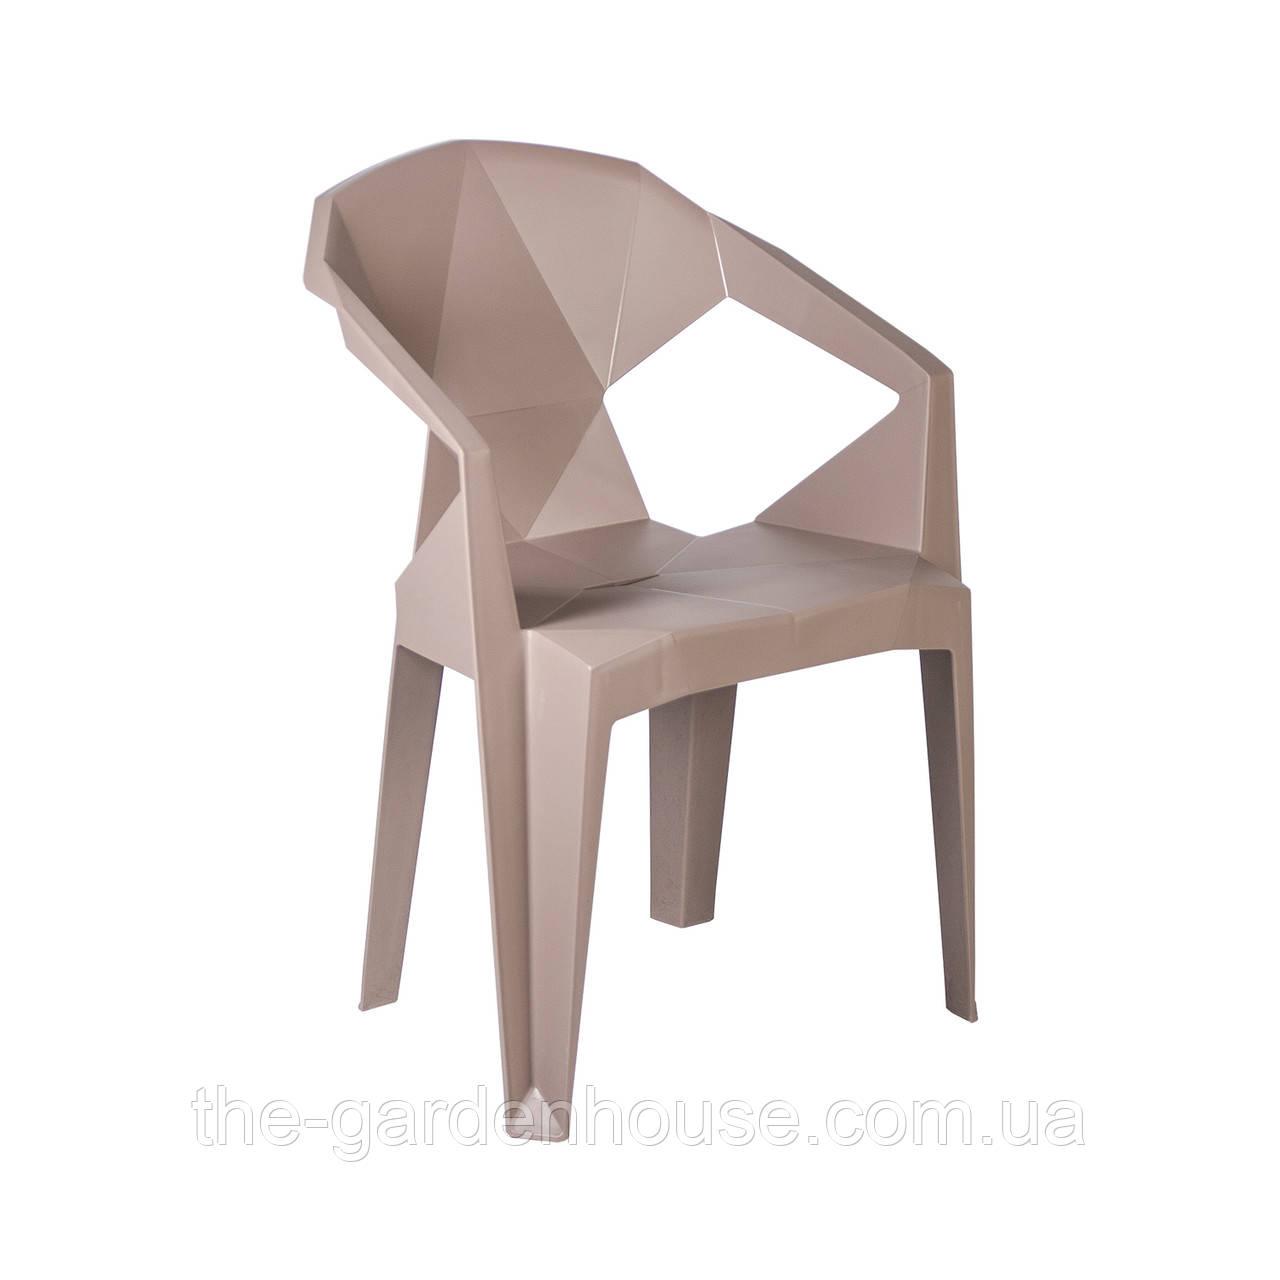 Пластиковый стул с подлокотниками Muze пурпурно-серый